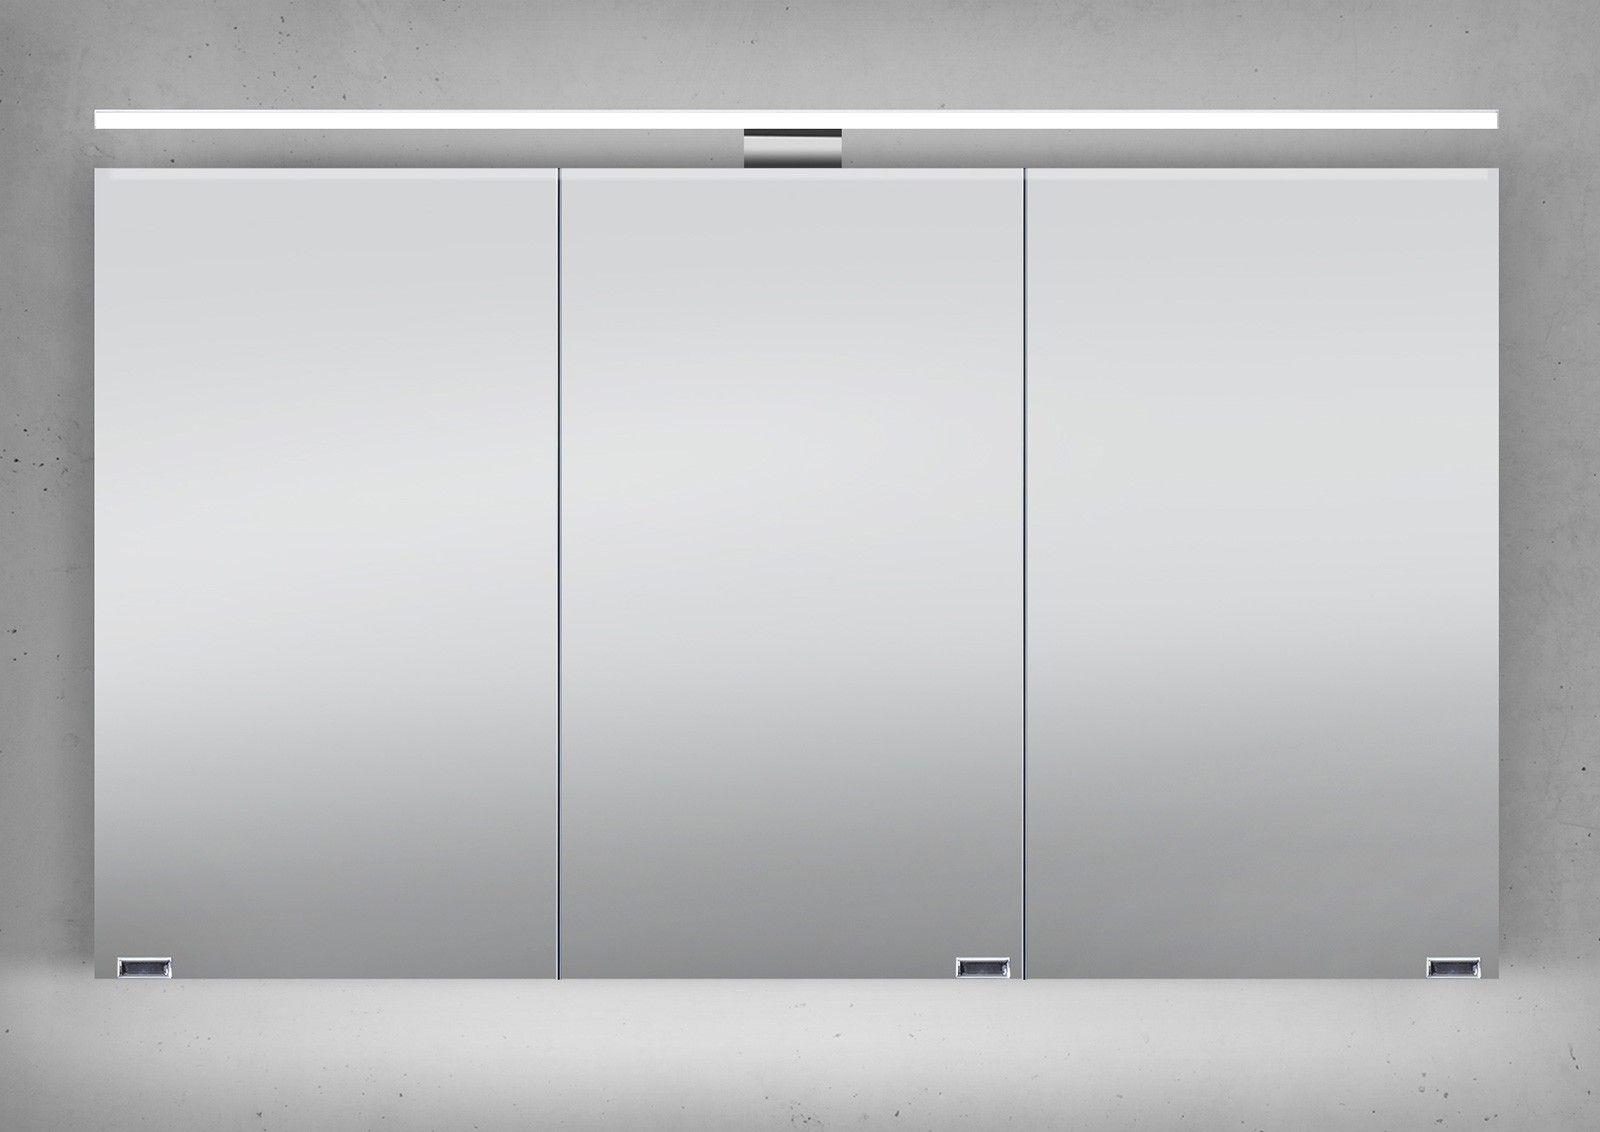 badezimmer spiegelschrank mit beleuchtung | jtleigh